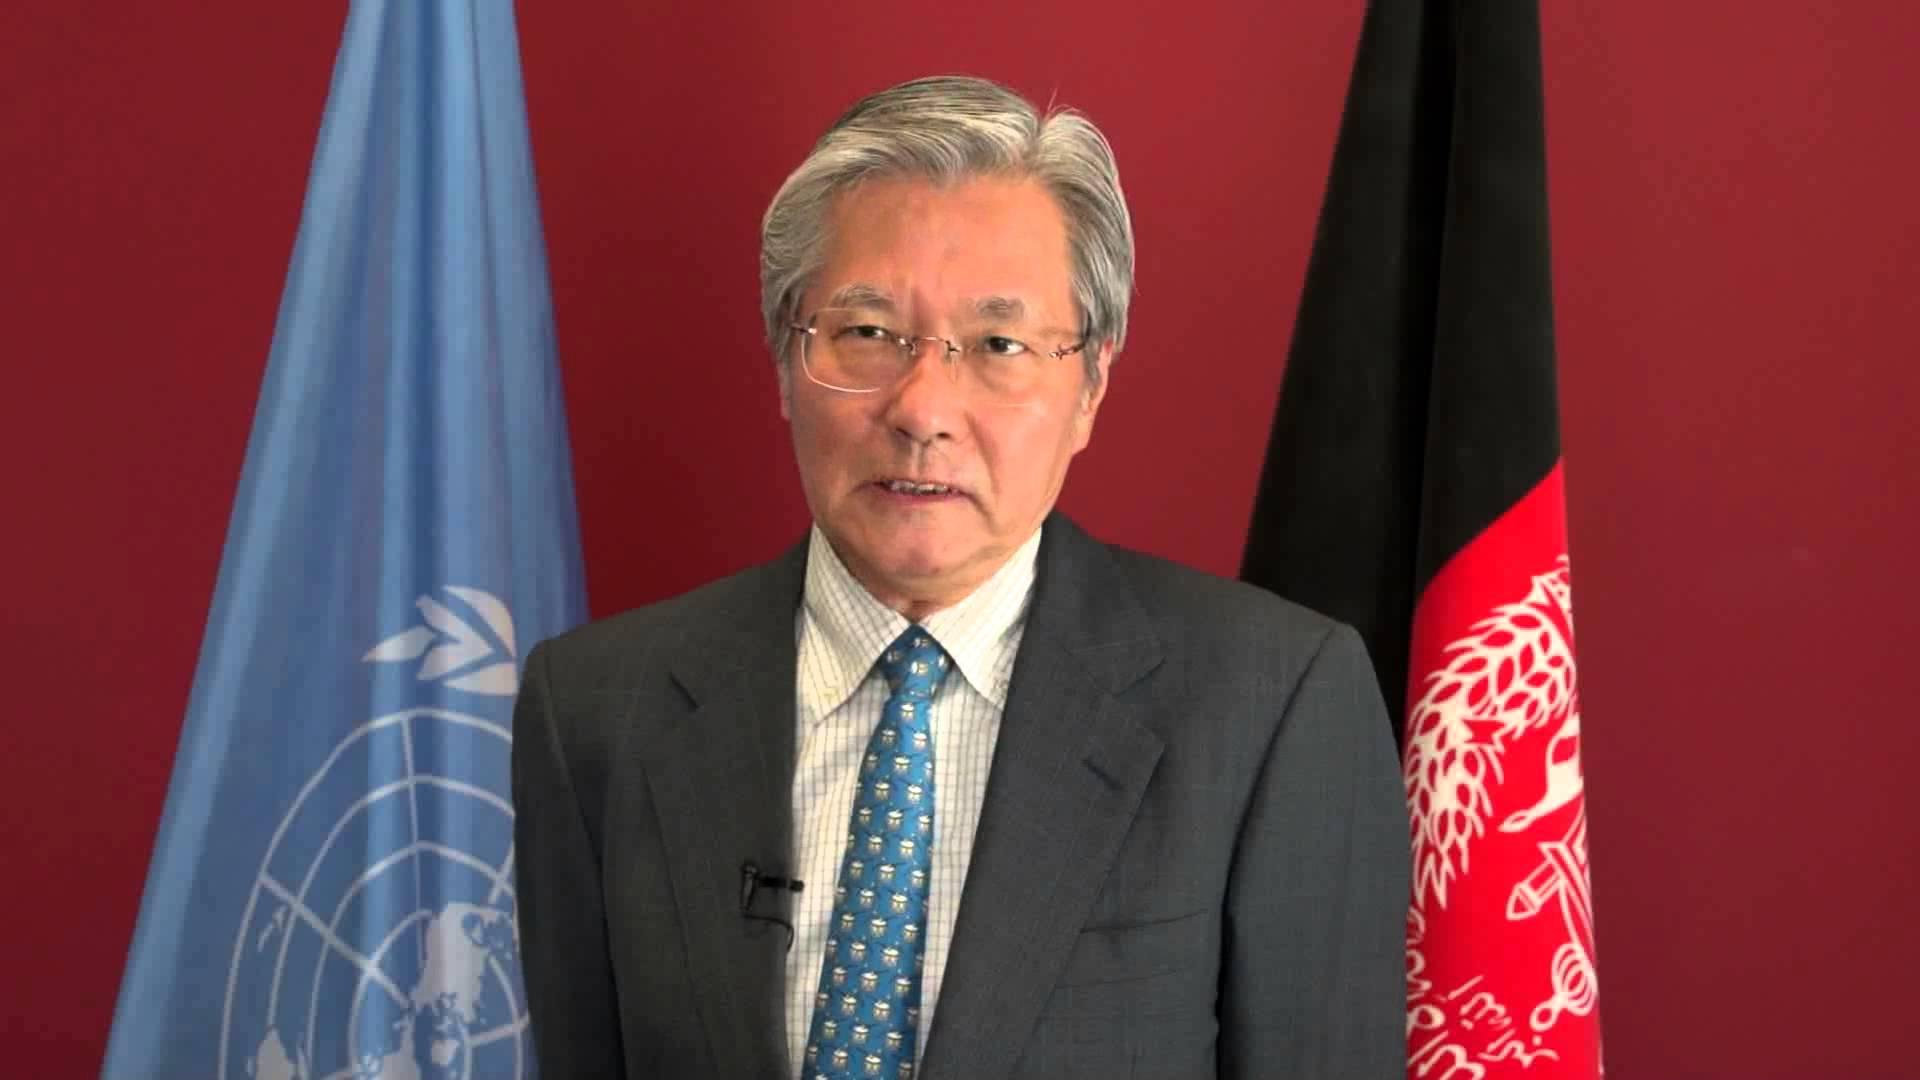 طرف های درگیر جنگ افغانستان به تلفات غیر نظامیان پایان دهند